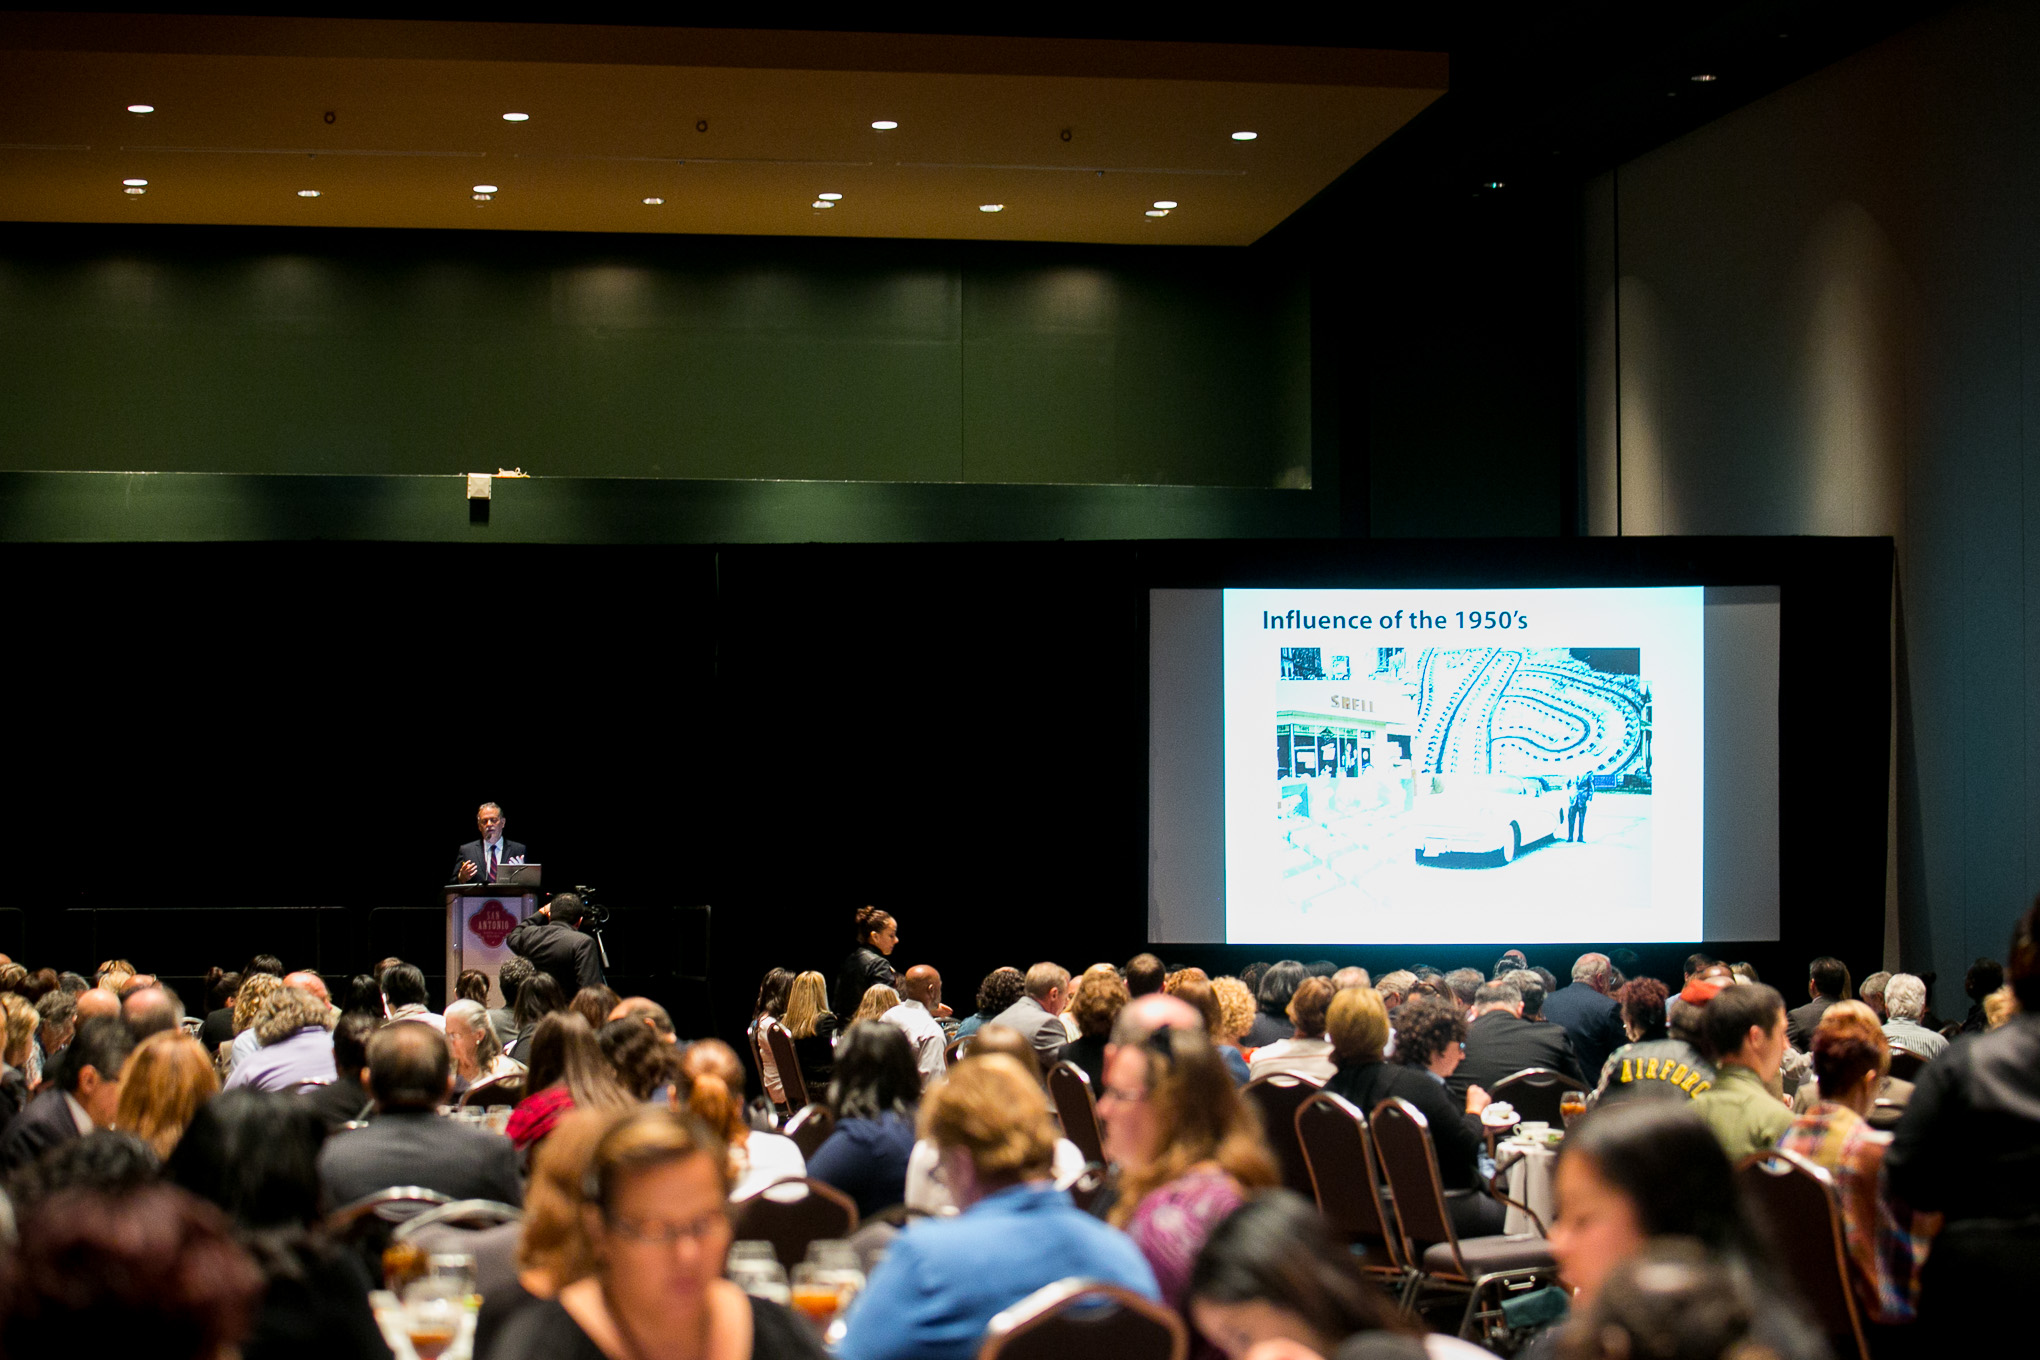 City of San Antonio 2016 Mayor's Housing Summit keynote speaker John Fregonese speaks about public planning. Photo by Kathryn Boyd-Batstone.